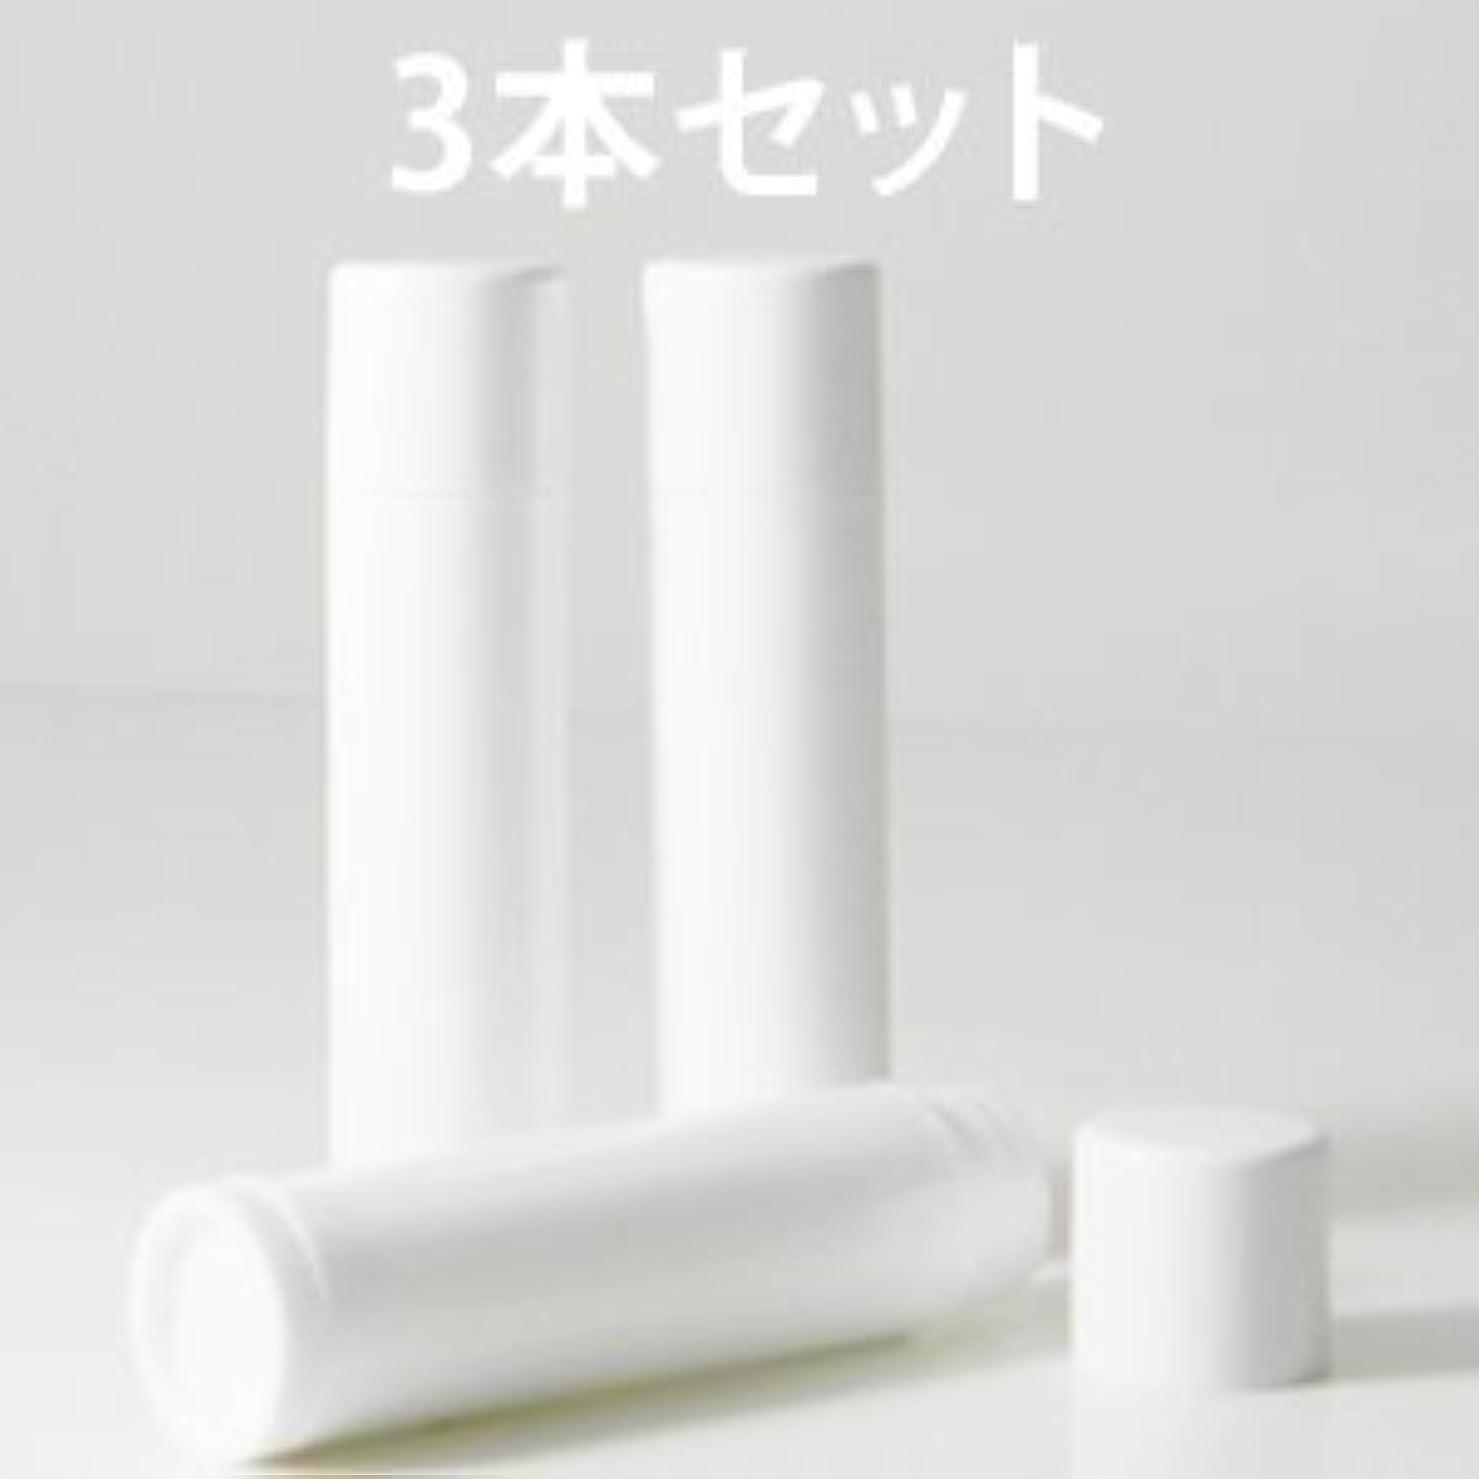 望ましい協力的慢なリップバームチューブ (ホワイト) 3本セット 【手作り化粧品容器】